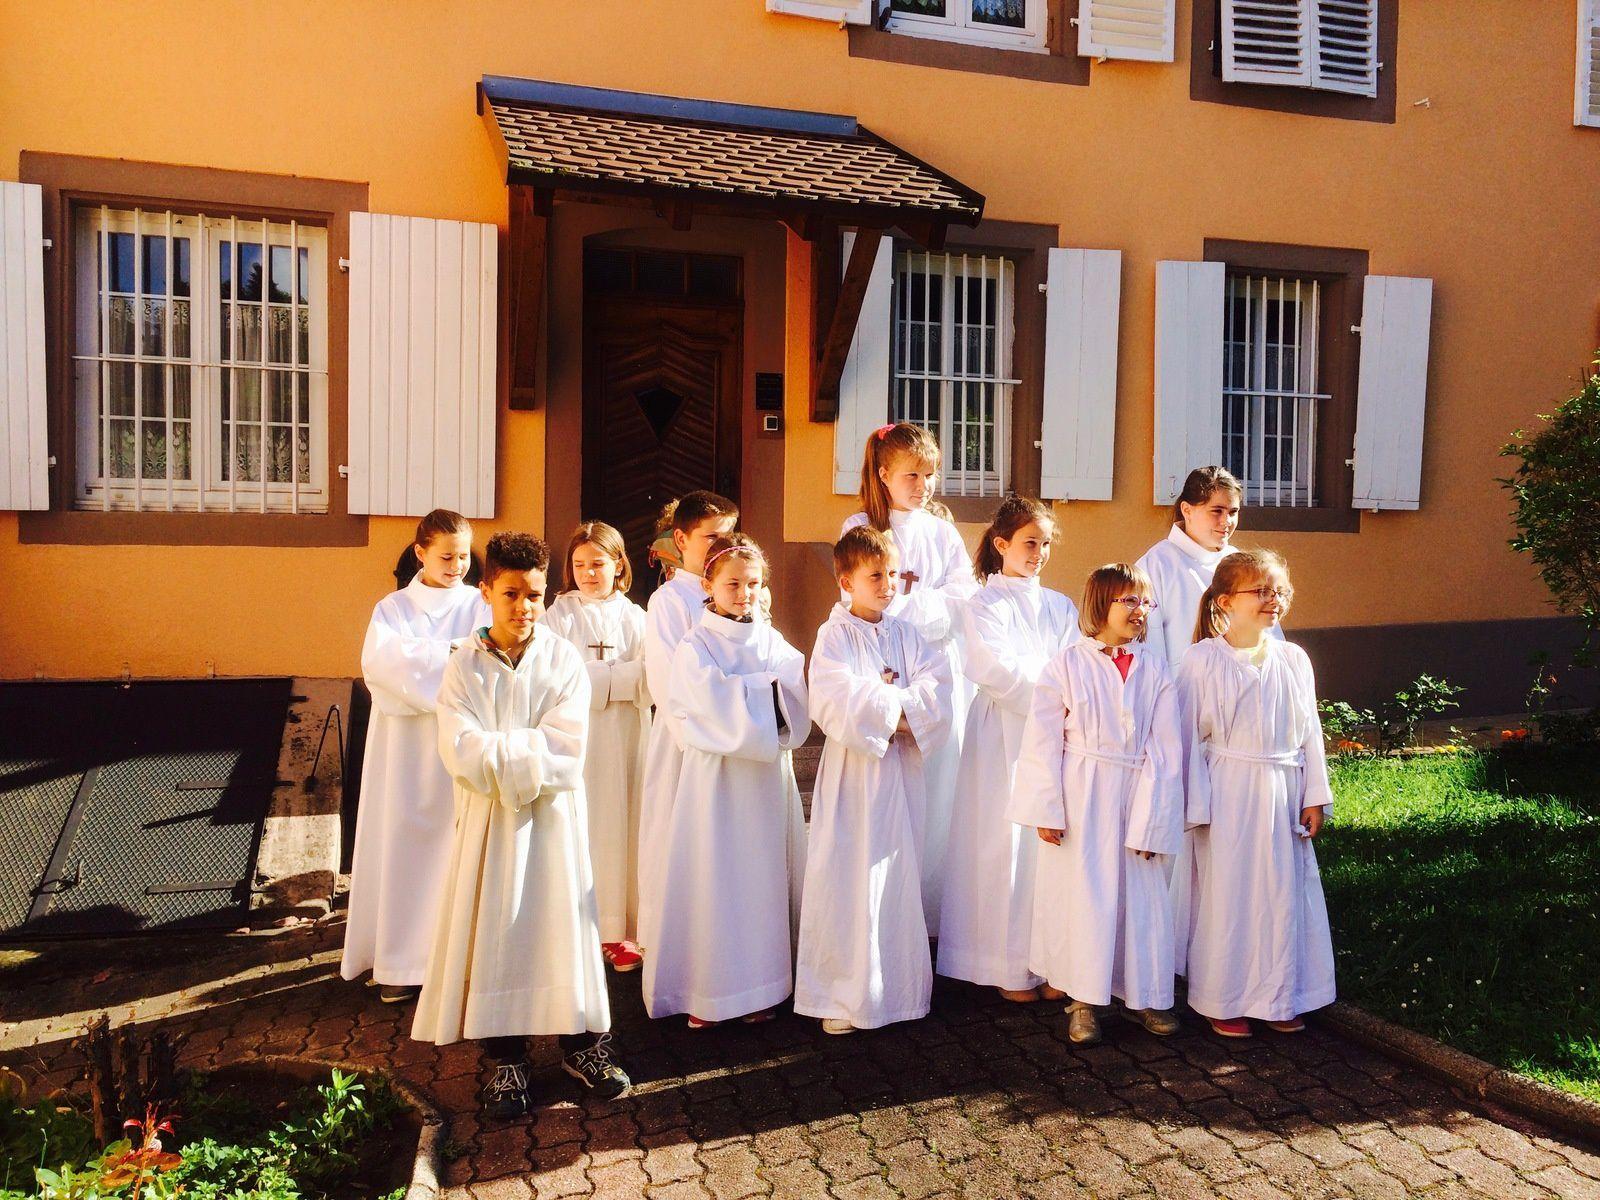 Sortie détente pour les servants d'autel de la communauté de paroisses Saint Jean-Baptiste